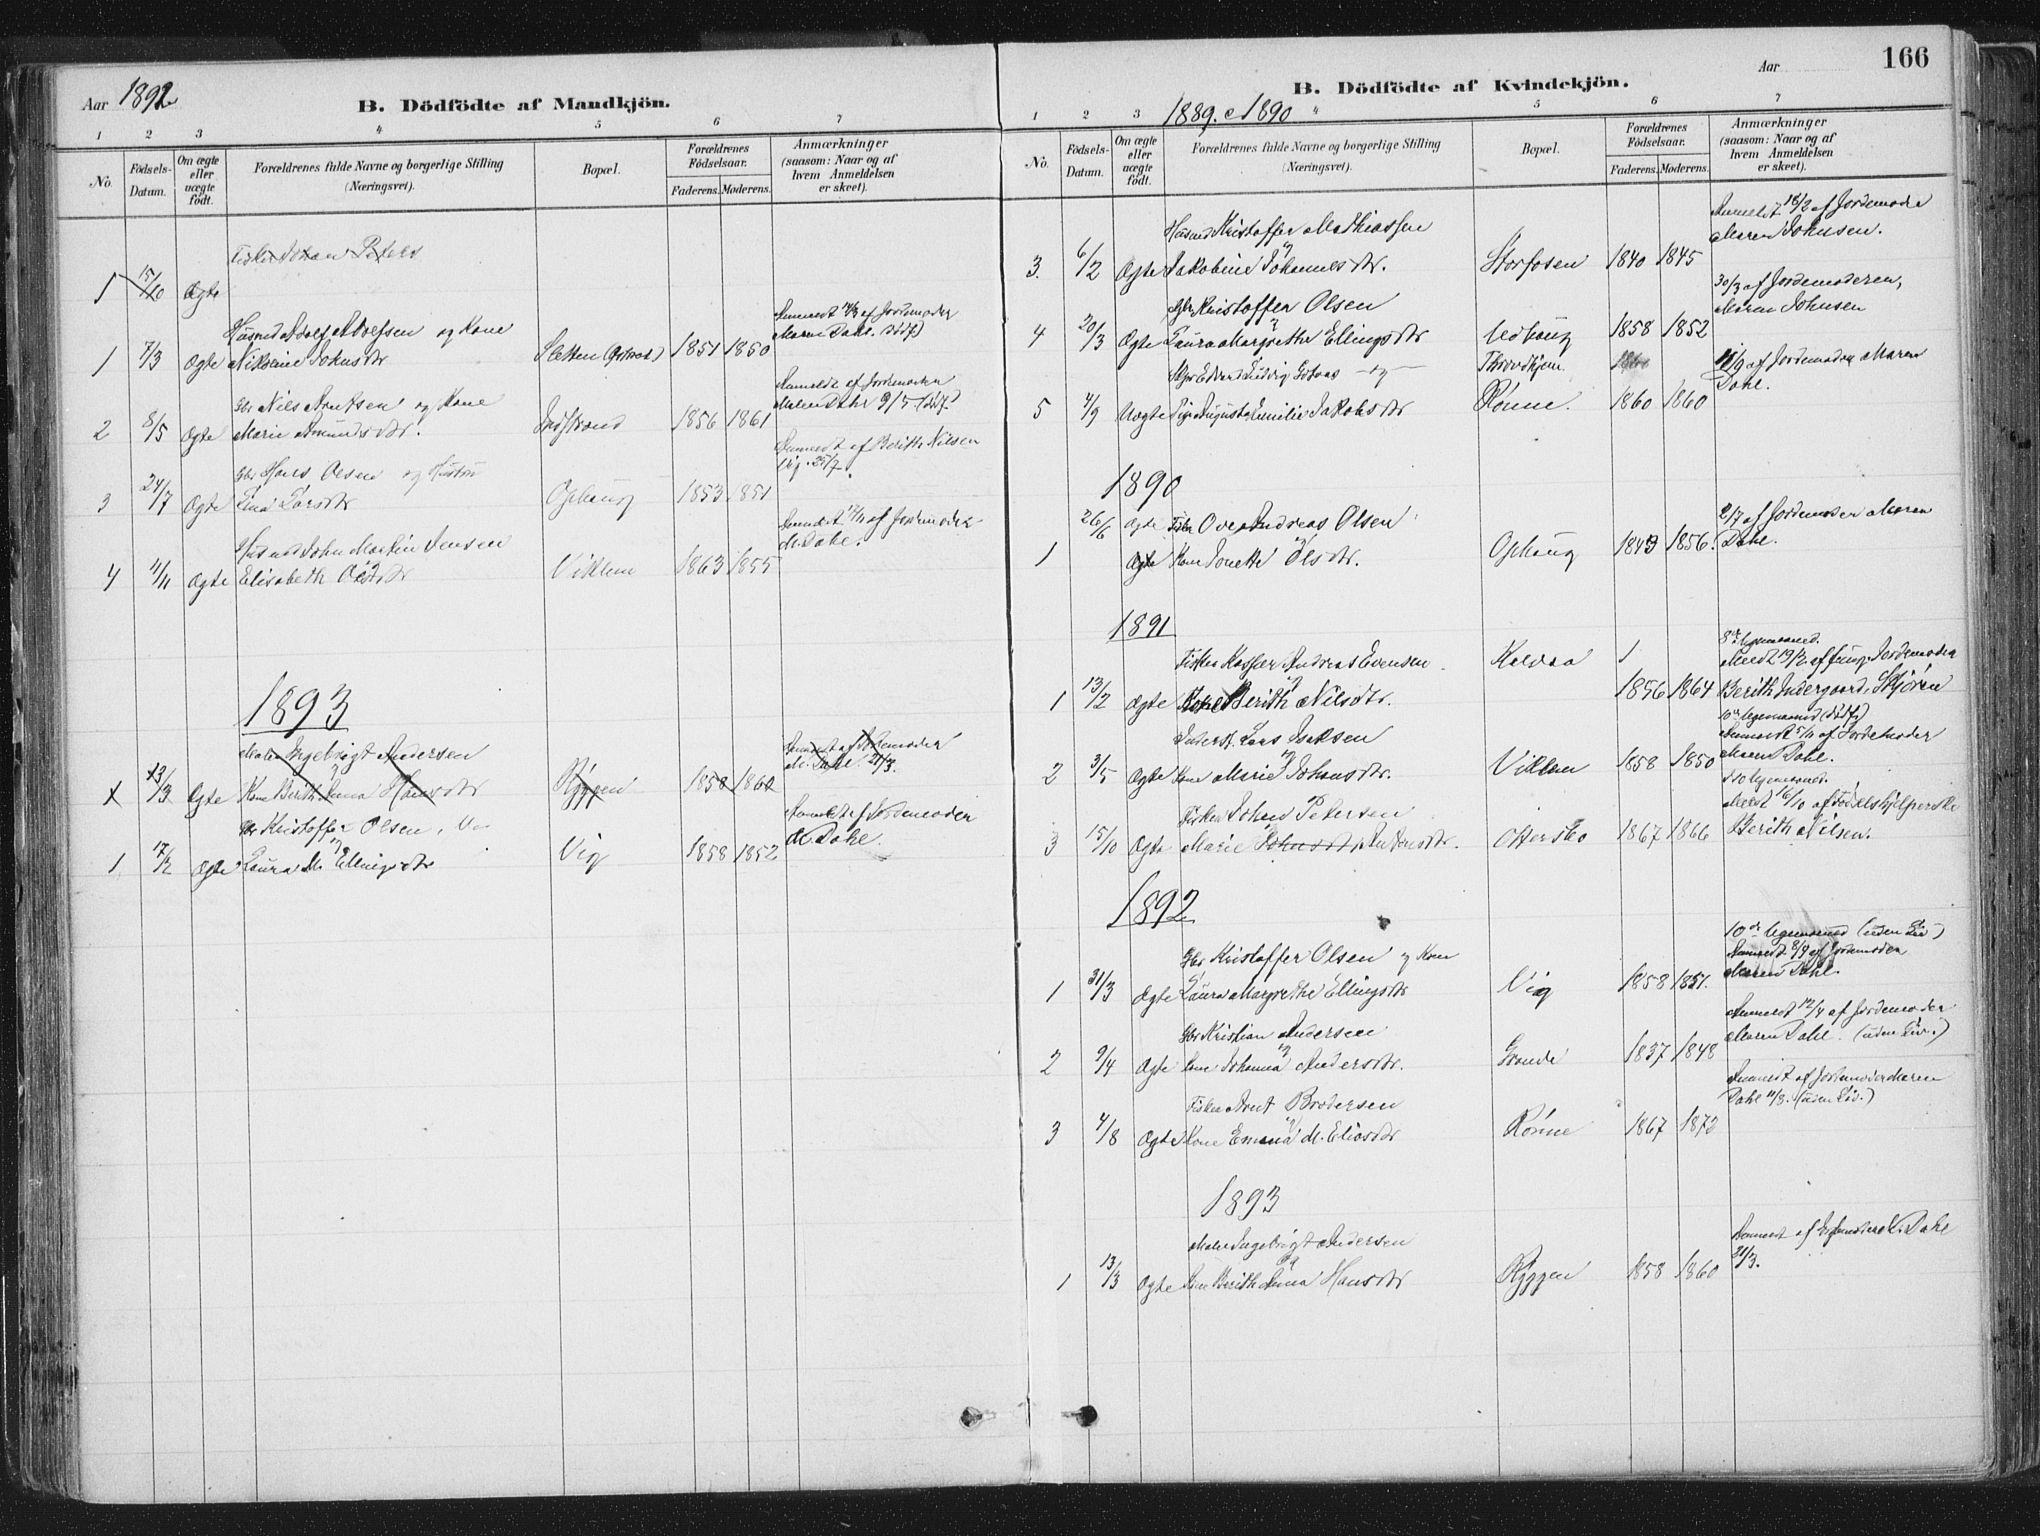 SAT, Ministerialprotokoller, klokkerbøker og fødselsregistre - Sør-Trøndelag, 659/L0739: Ministerialbok nr. 659A09, 1879-1893, s. 166